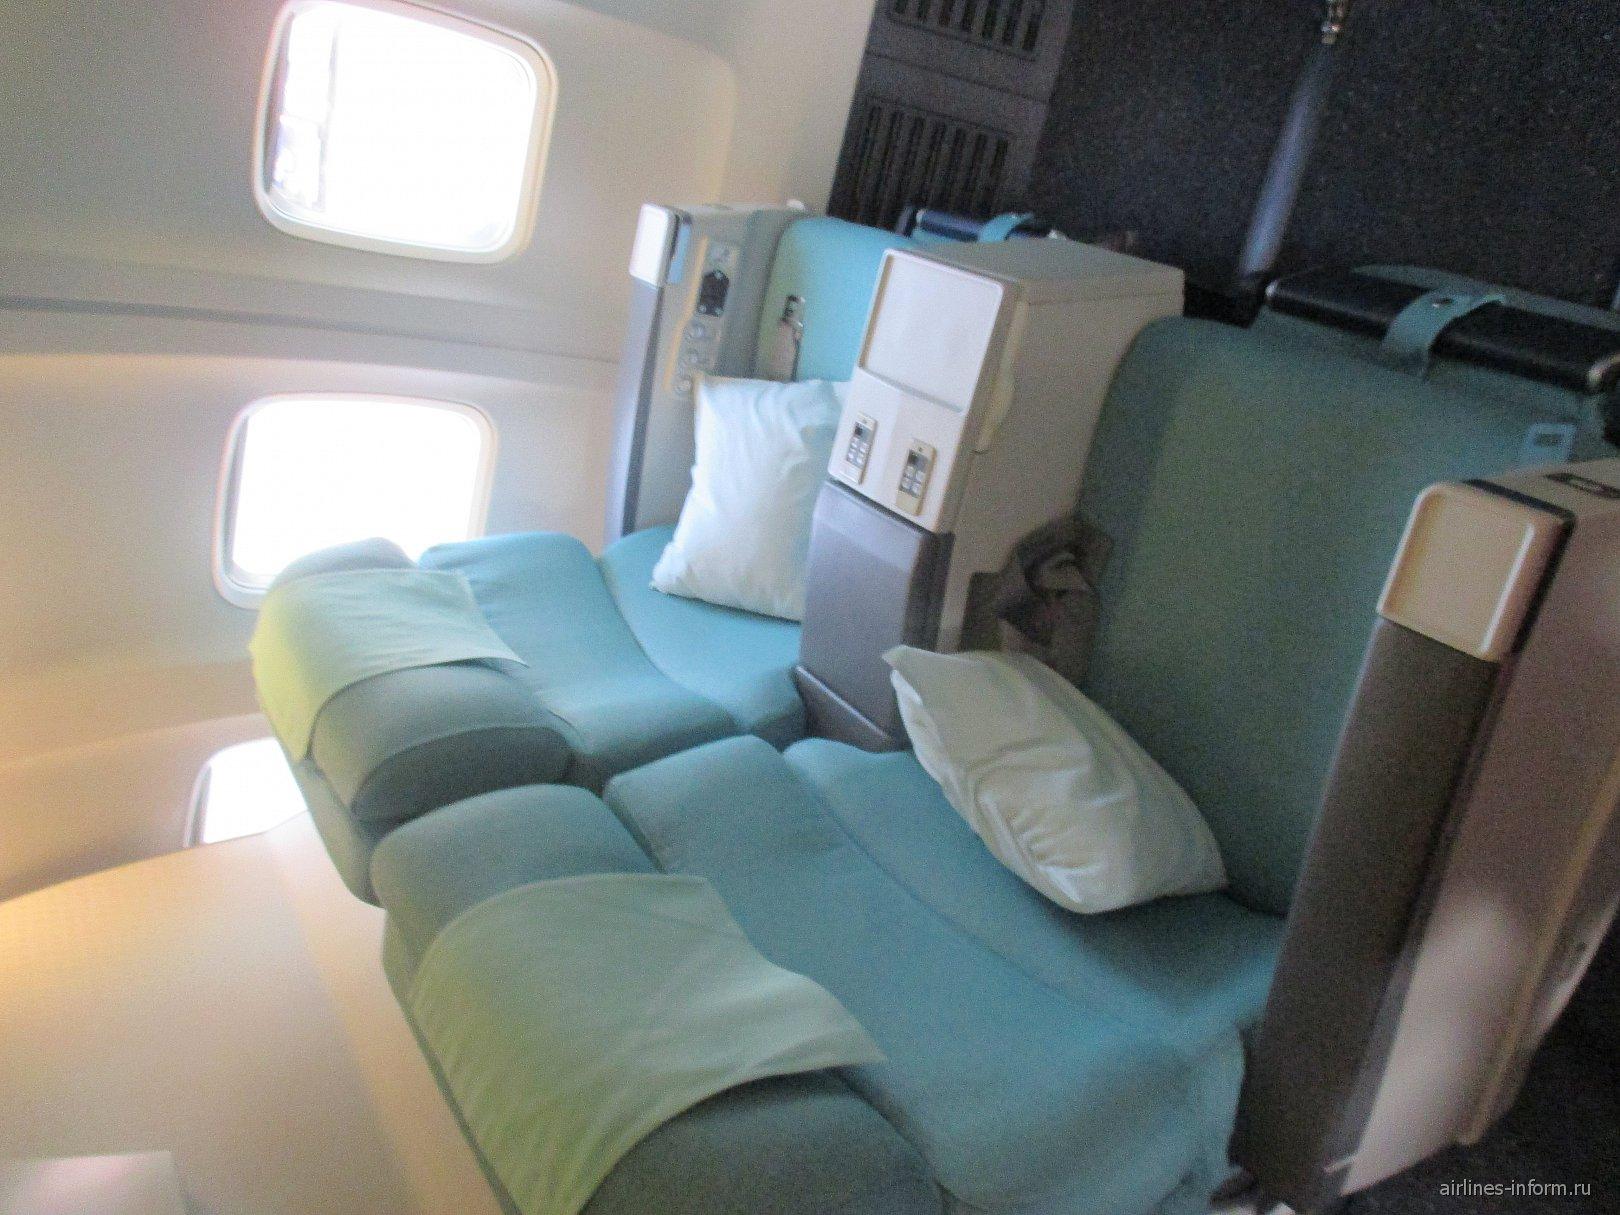 Места бизнес-класса в самолете Боинг-737-900 авиакомпании Korean Air